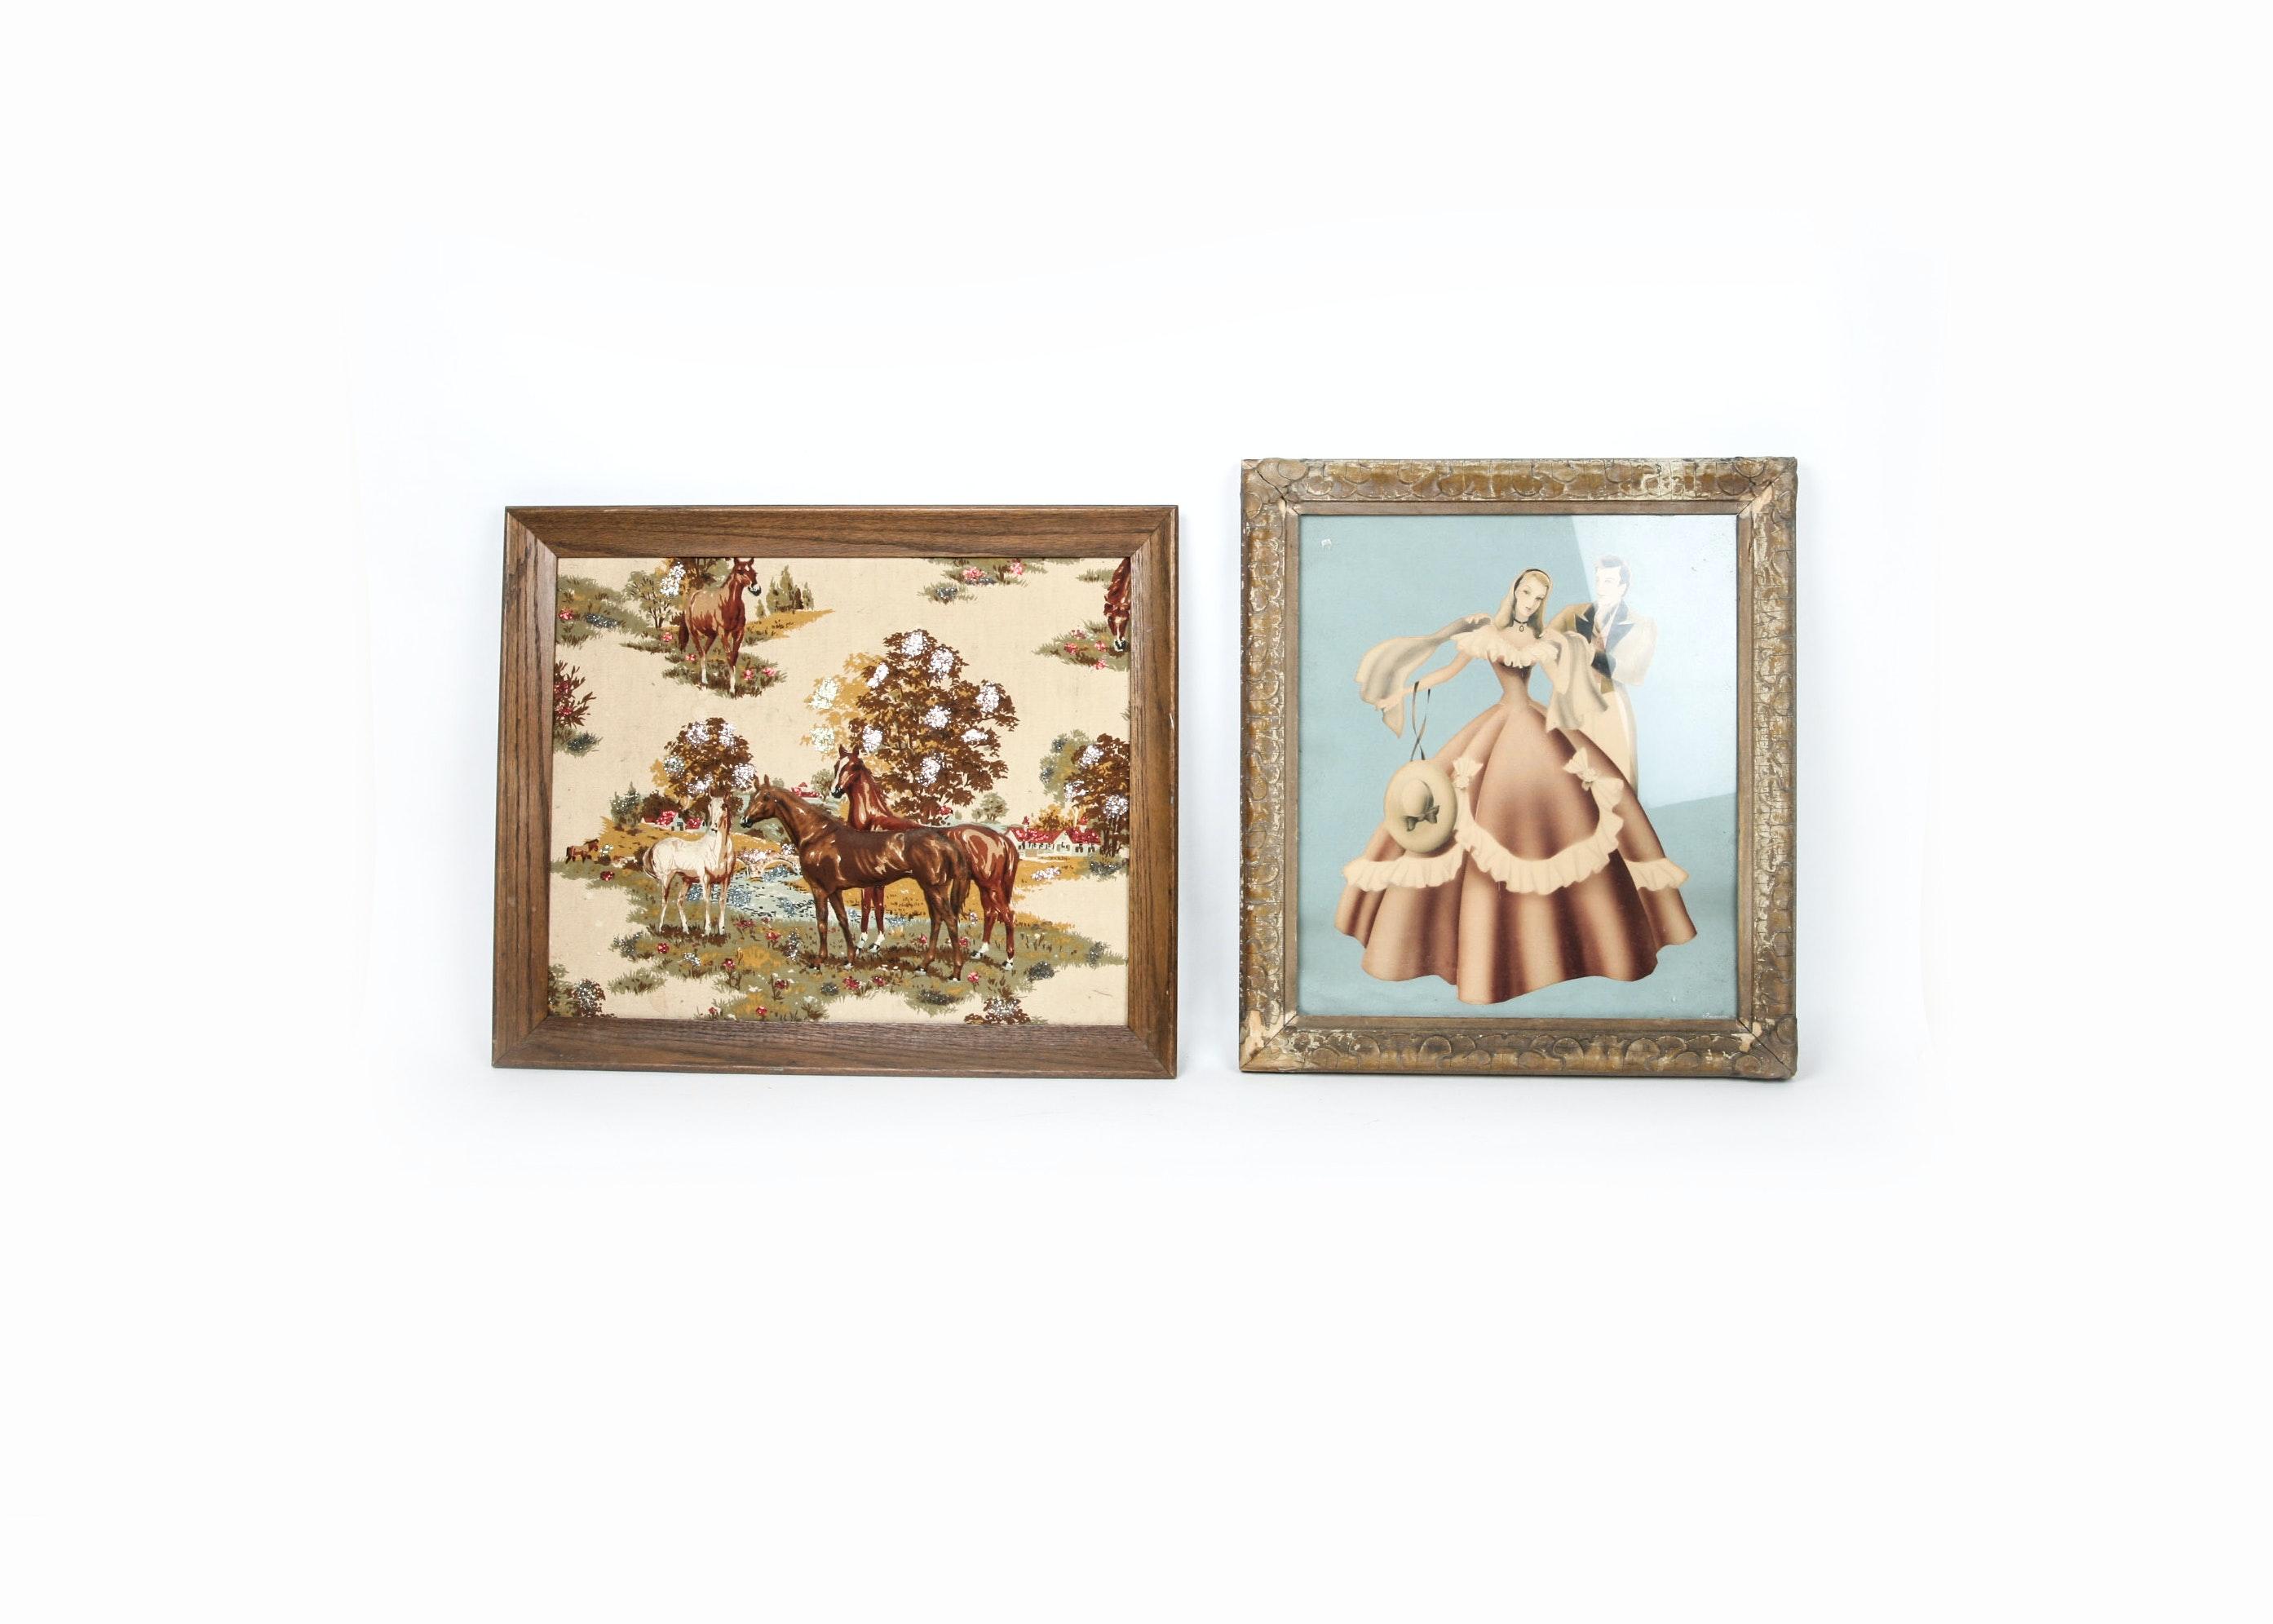 Two Vintage Decorative Art Pieces